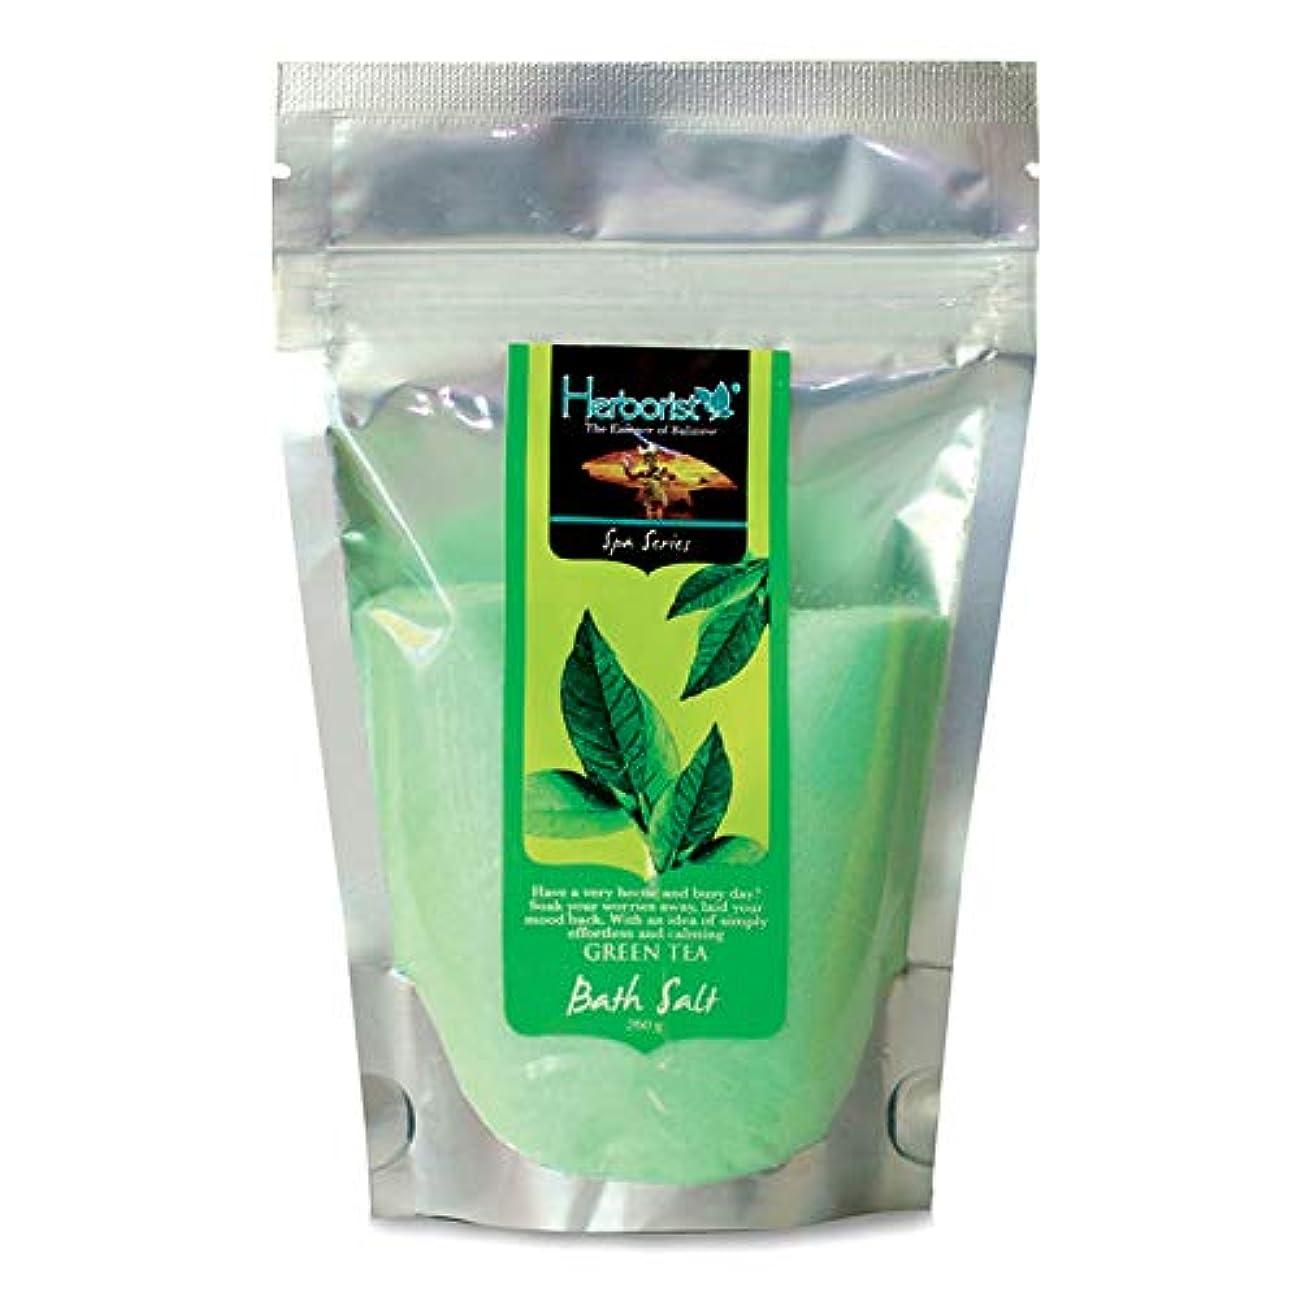 顕現上院議員疑問を超えてHerborist ハーボリスト Bath Salt バスソルト バリ島の香り漂う入浴剤 250g Green Tea グリーンティー [海外直送品]